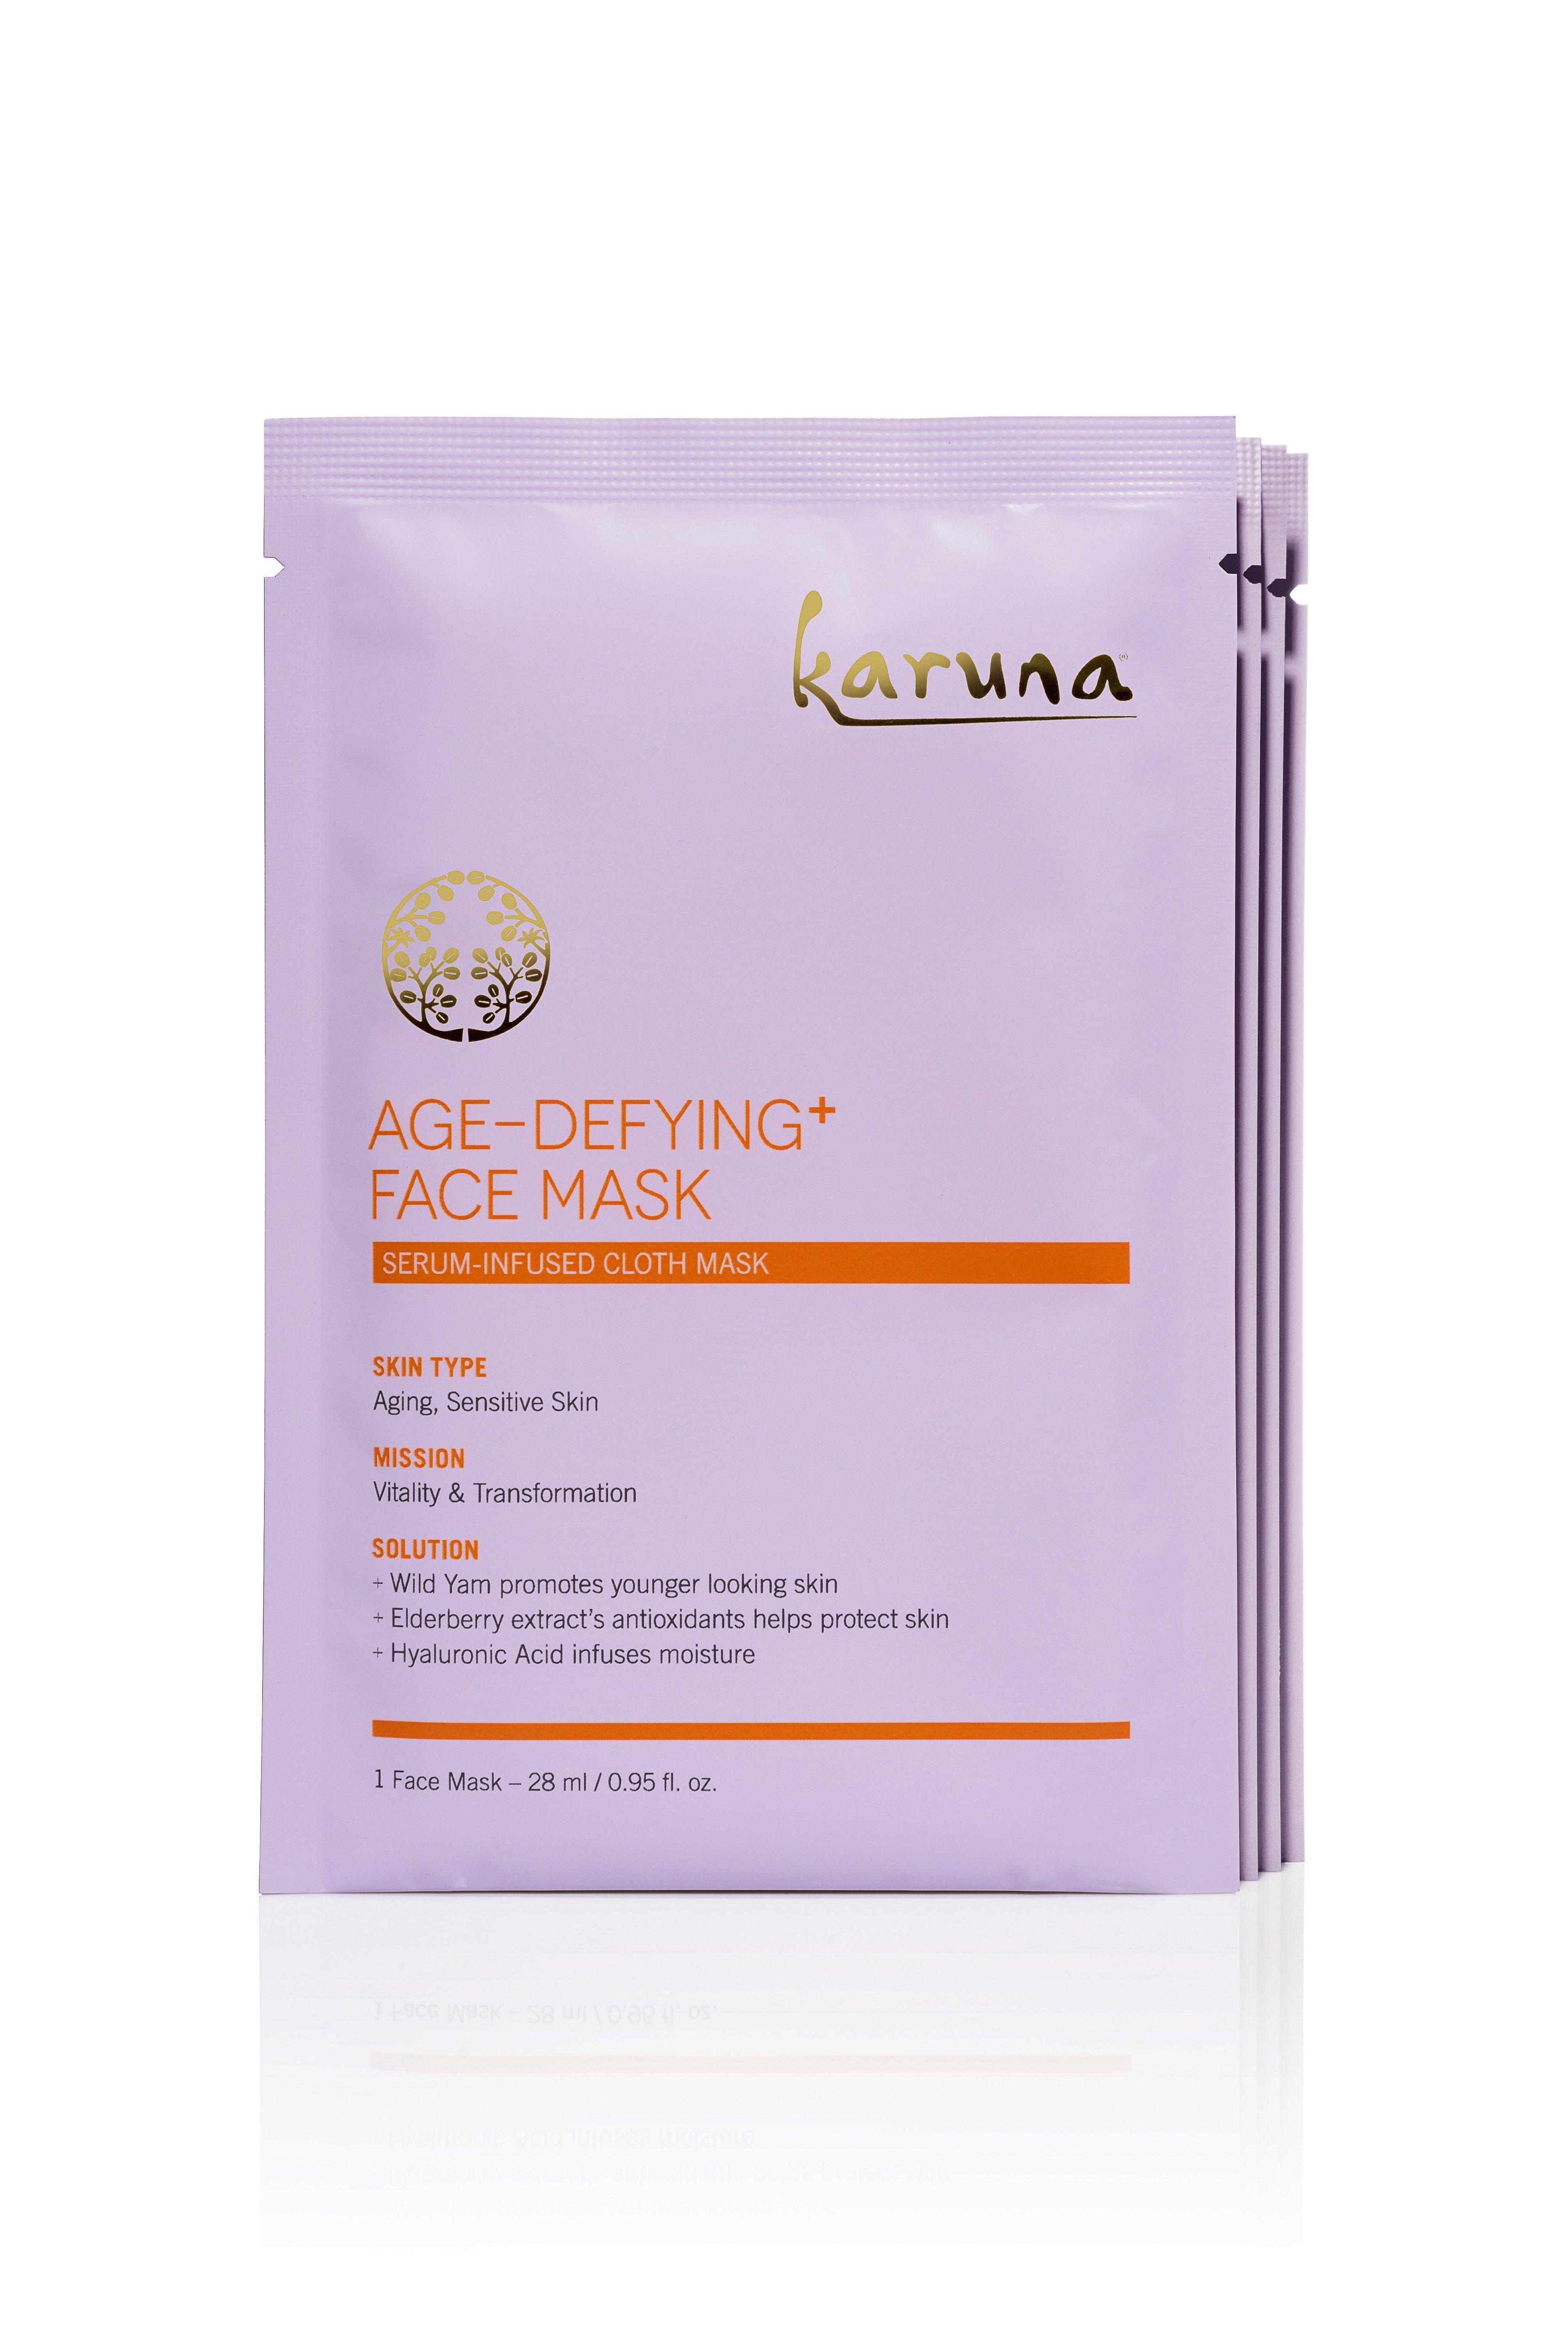 OhMart Karuna Age- Defying + Face Mask 2